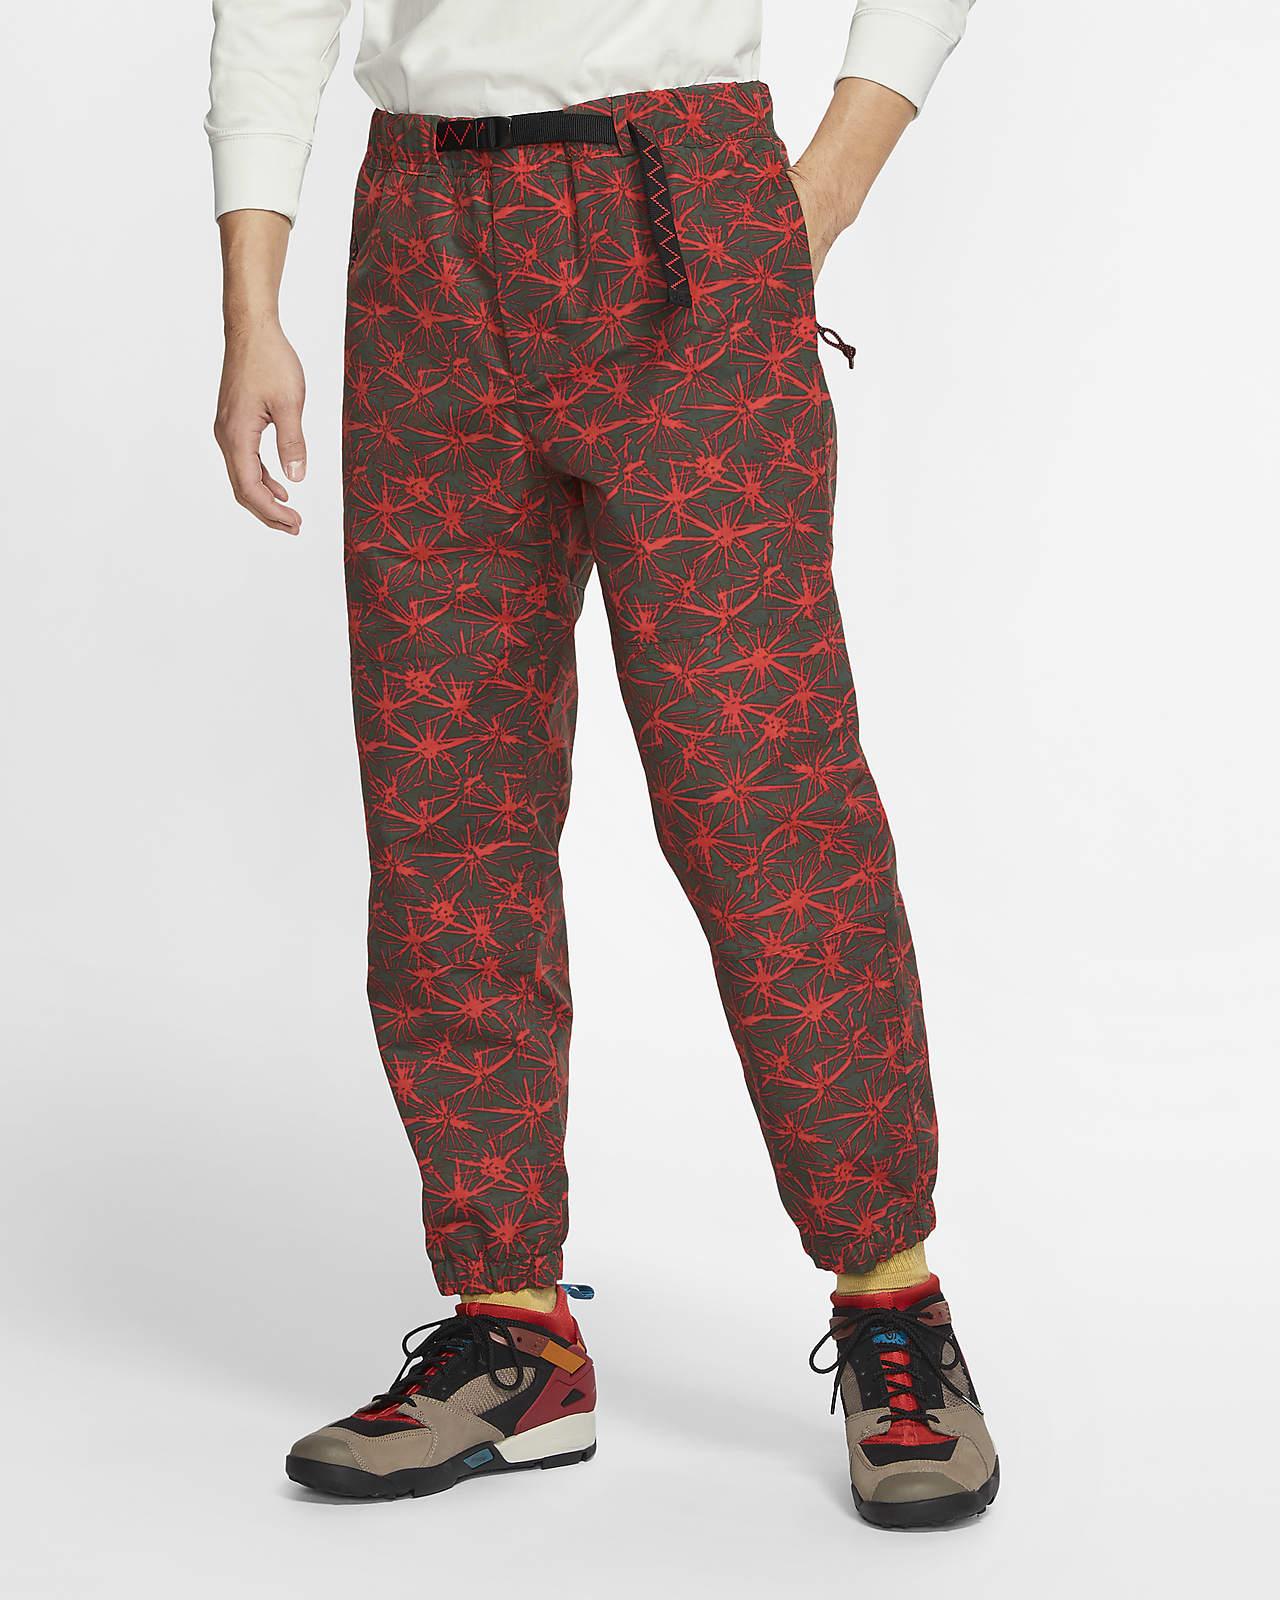 Nike ACG Trail Trousers